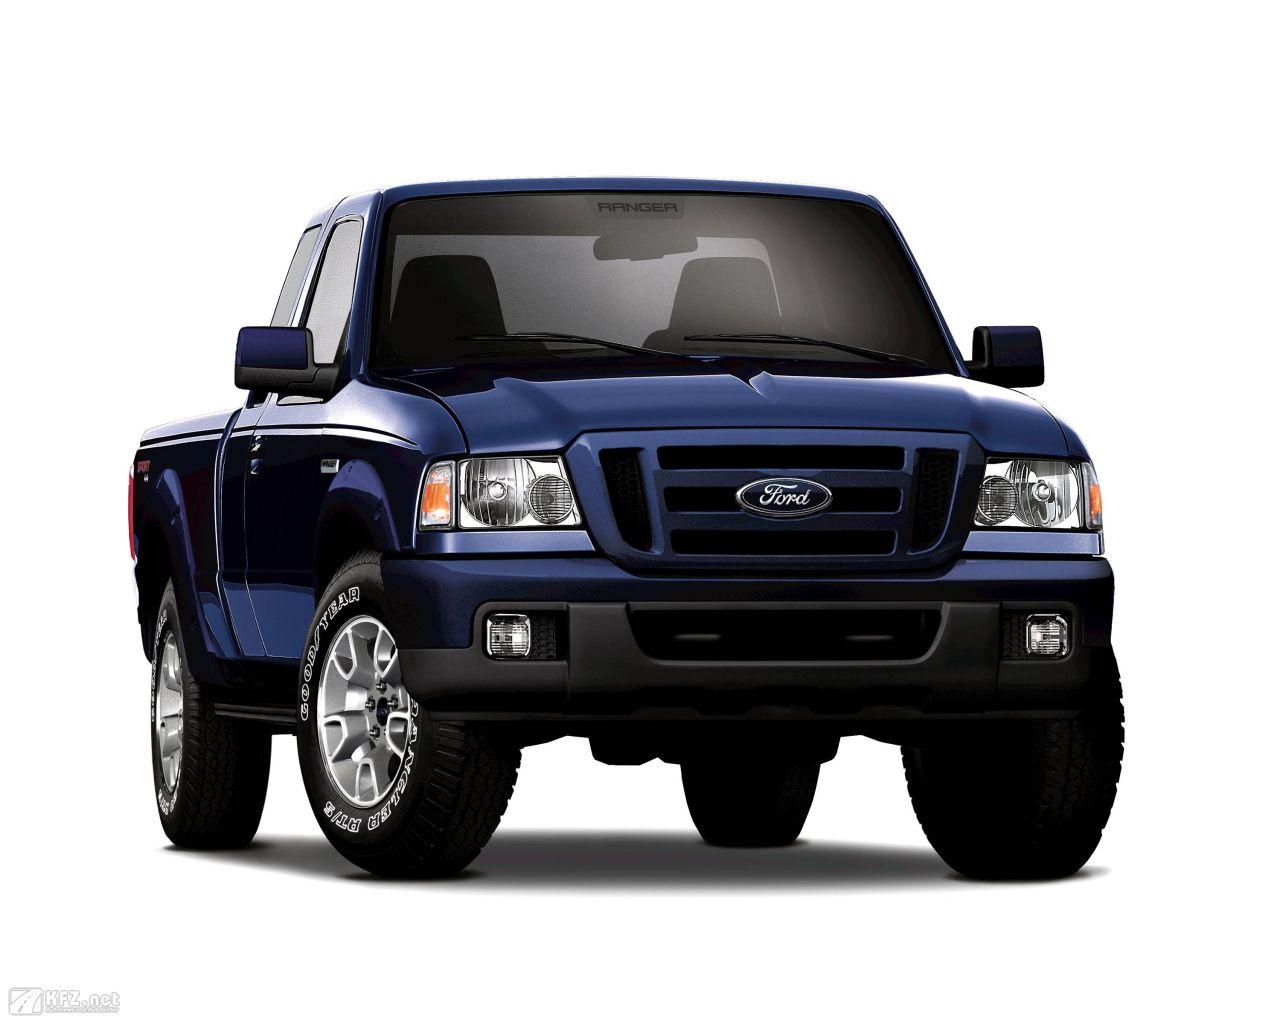 ford-ranger-1280x1024-2